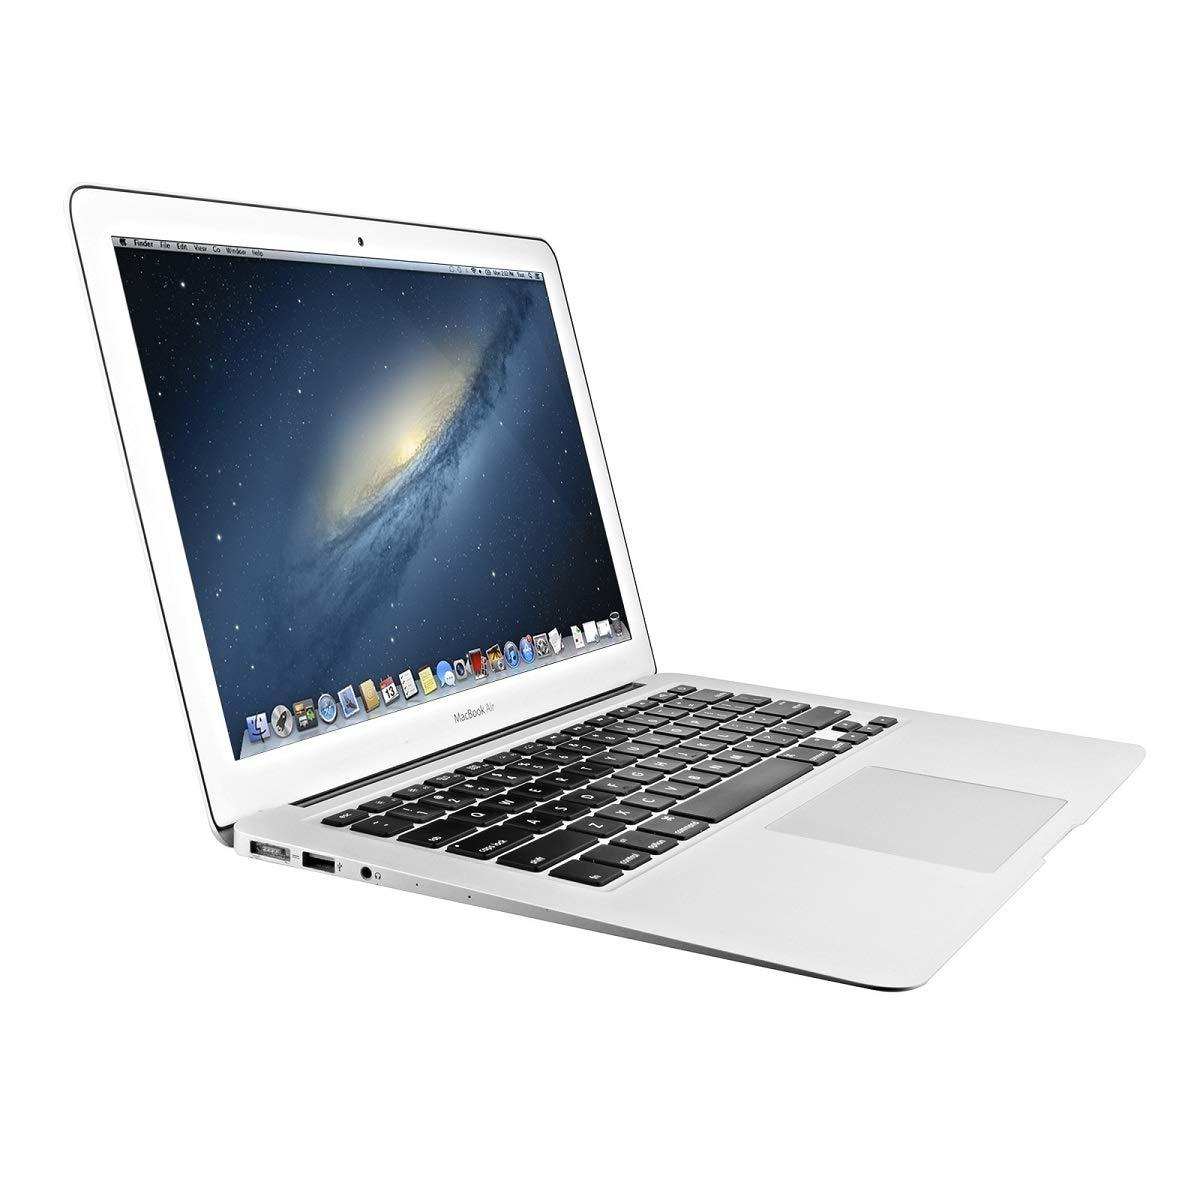 Apple MacBook Air MD760LL/A 13.3in Laptop, Intel Core i5-4250U 1.3GHz, 4GB RAM, 1TB HDD, Silver (Renewed)